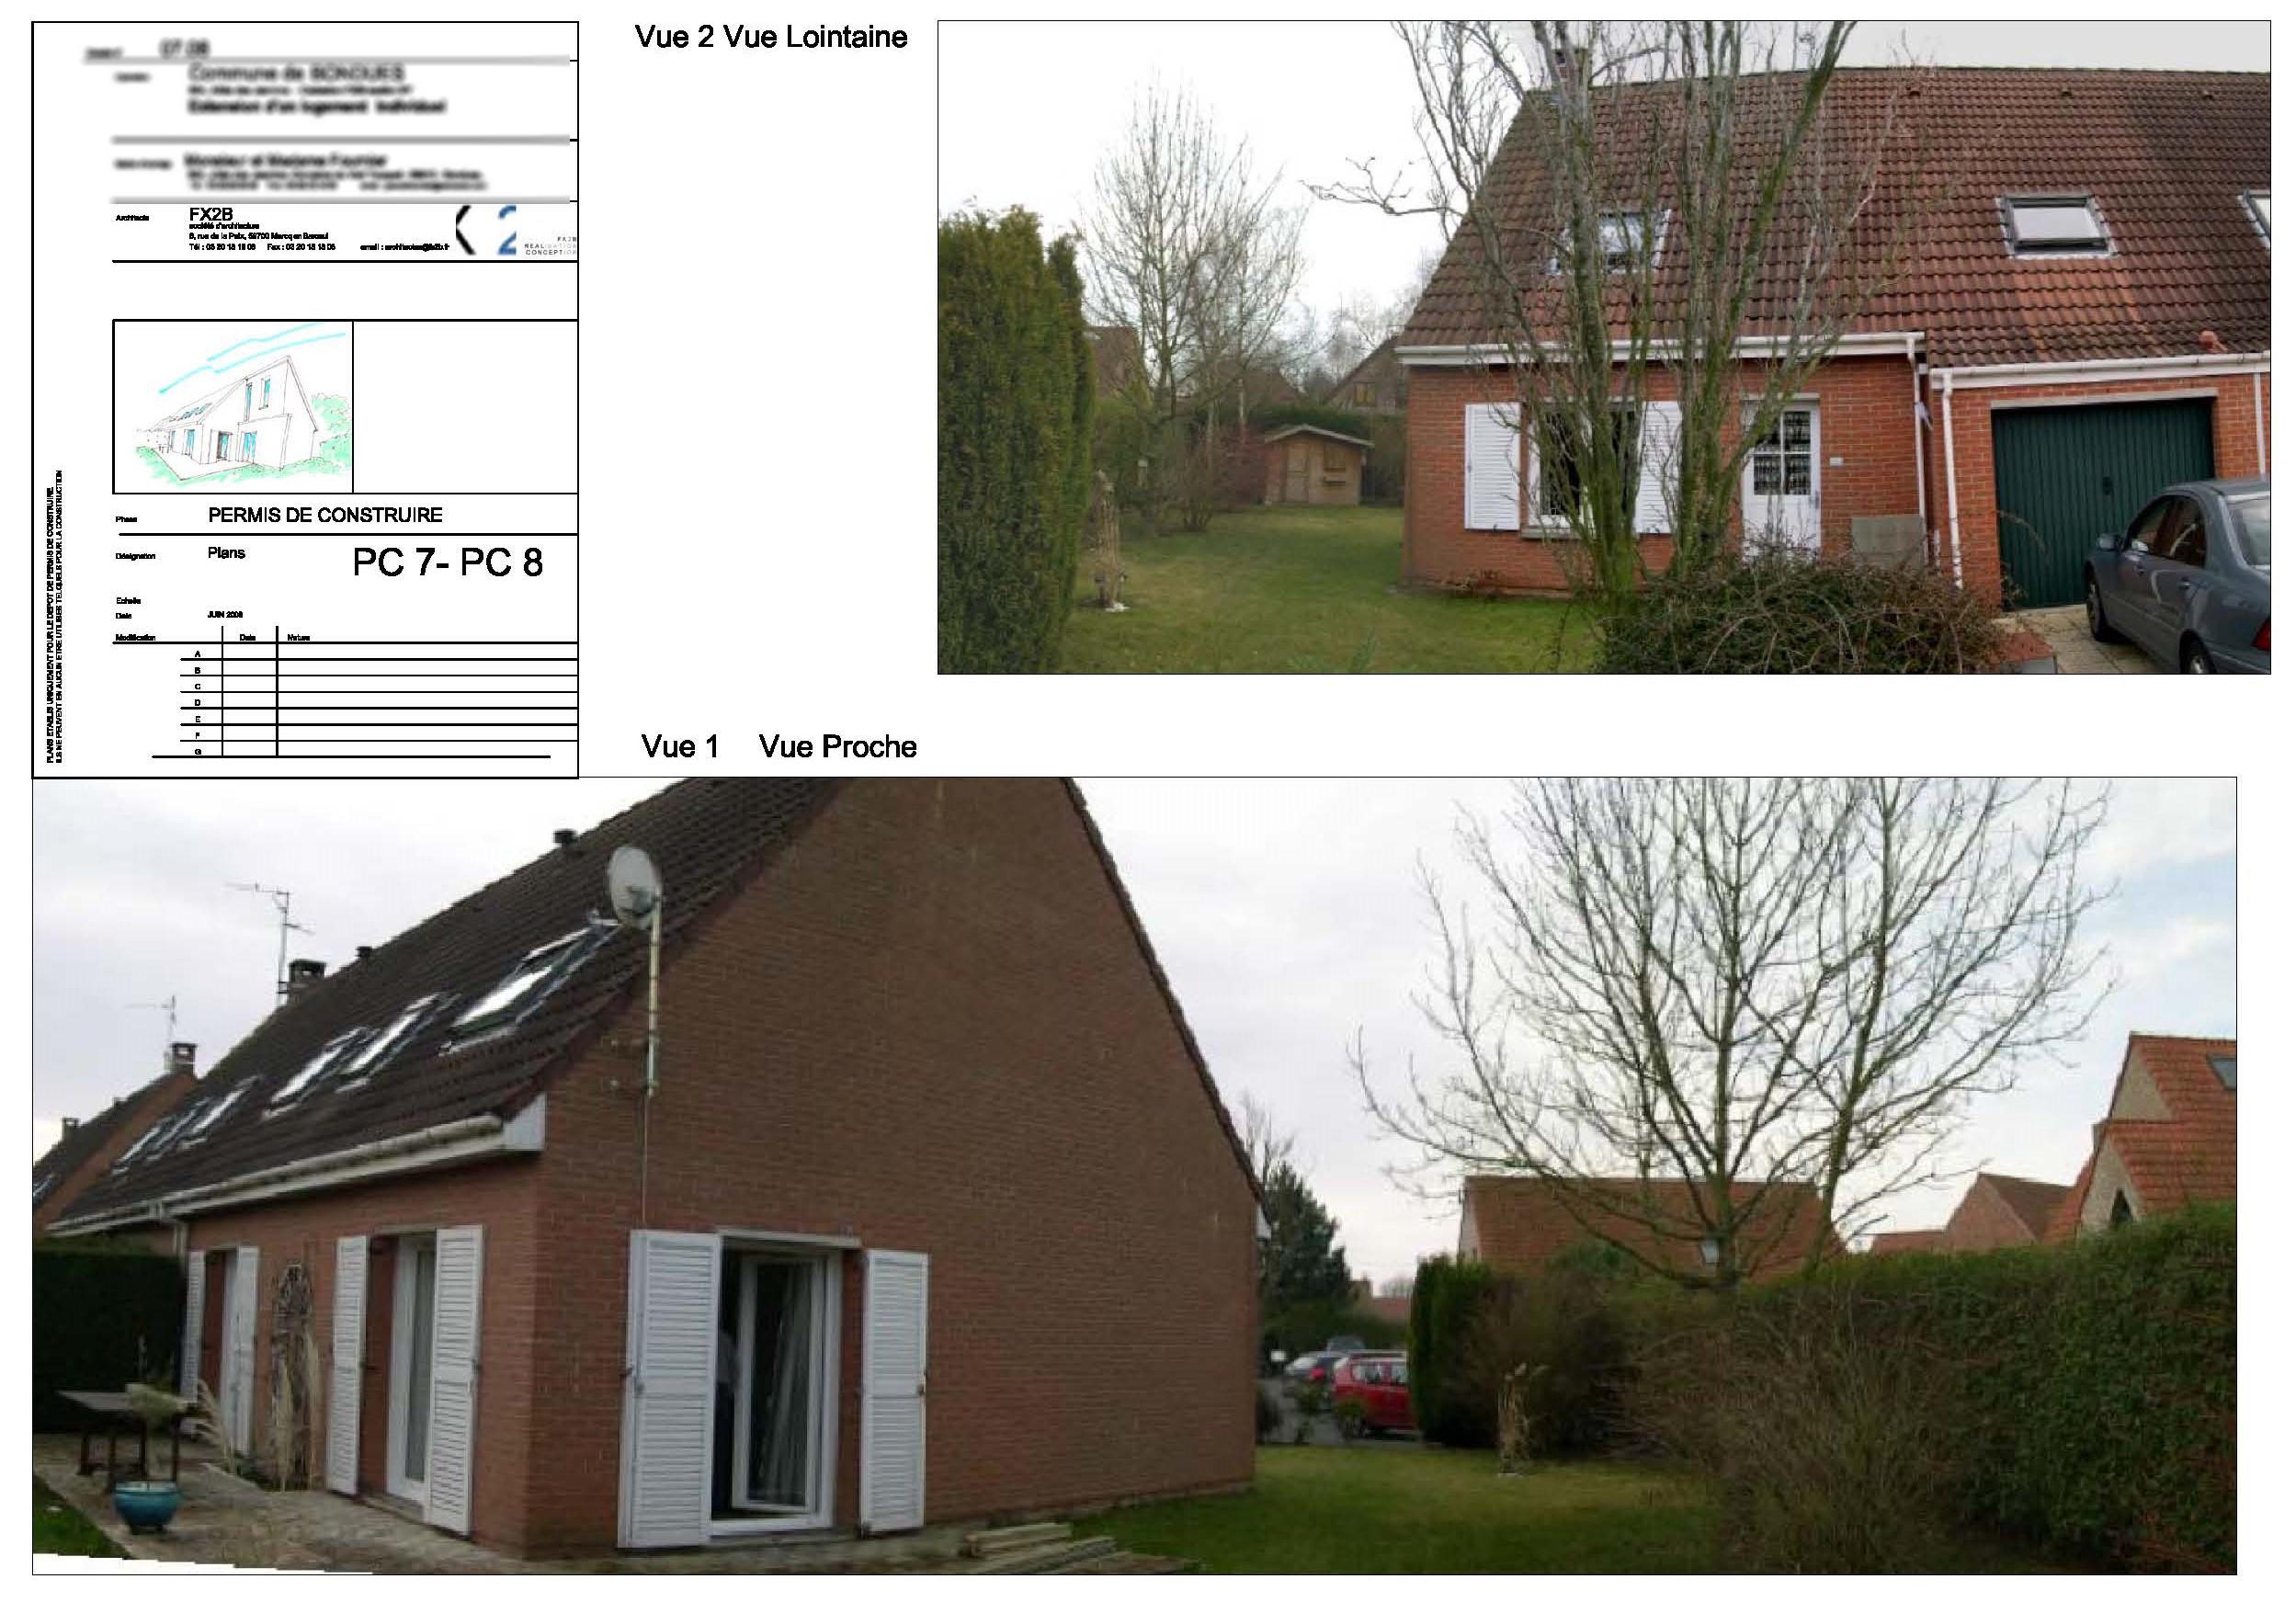 Permis de construire bondues 59910 fx2b for Extension maison lotissement